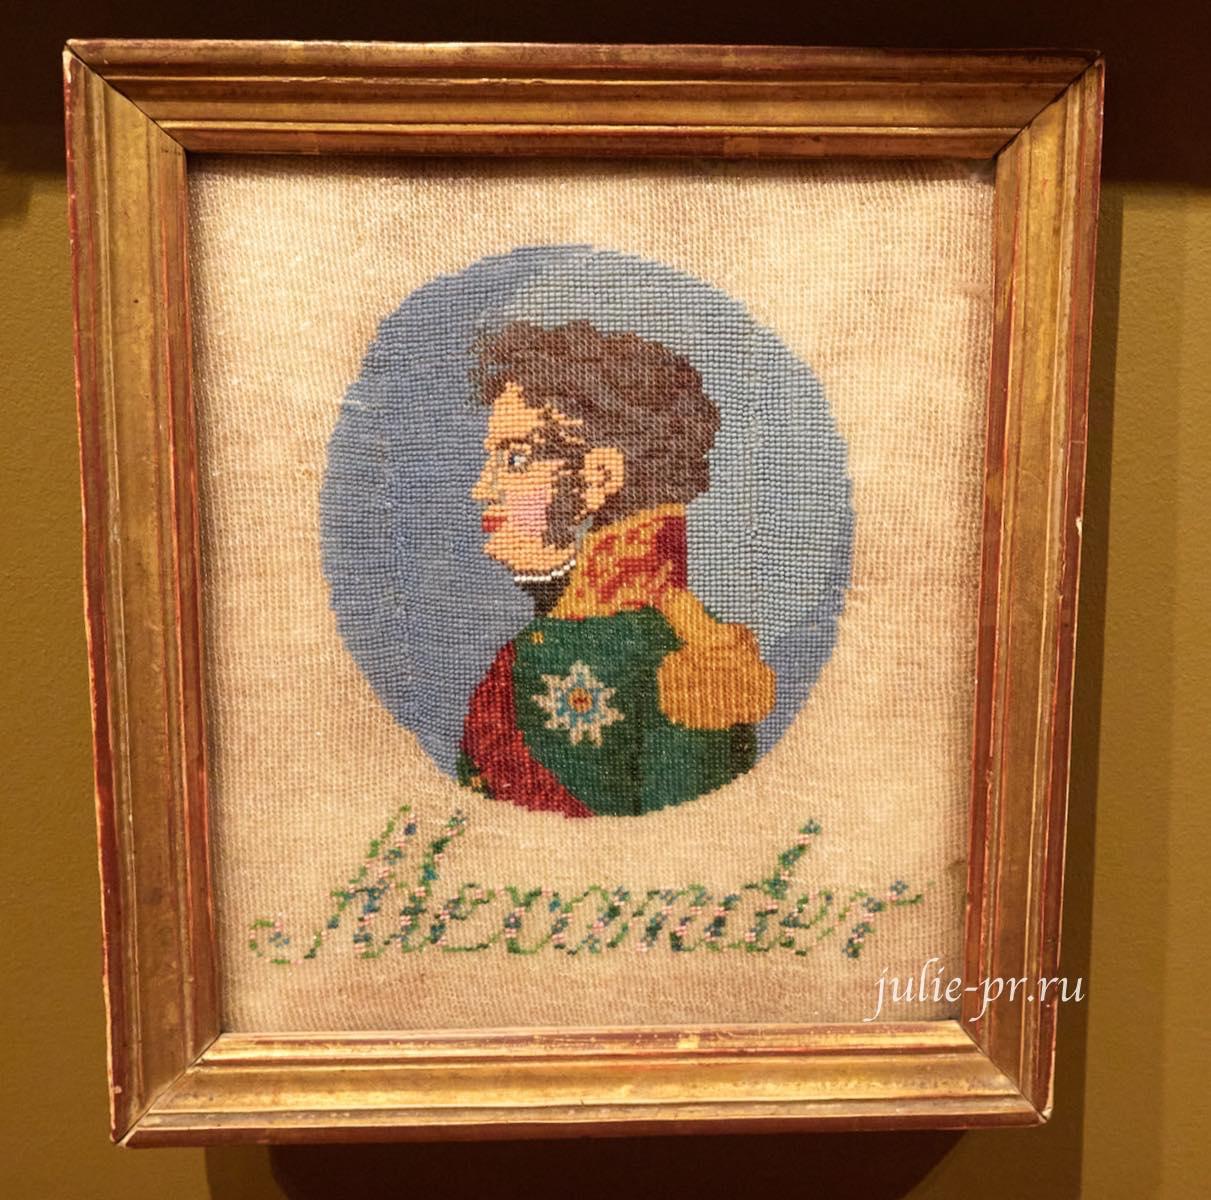 Портрет Александра I, 1818 год, Франция, вышивка бисером, выставка Старинные вышивки